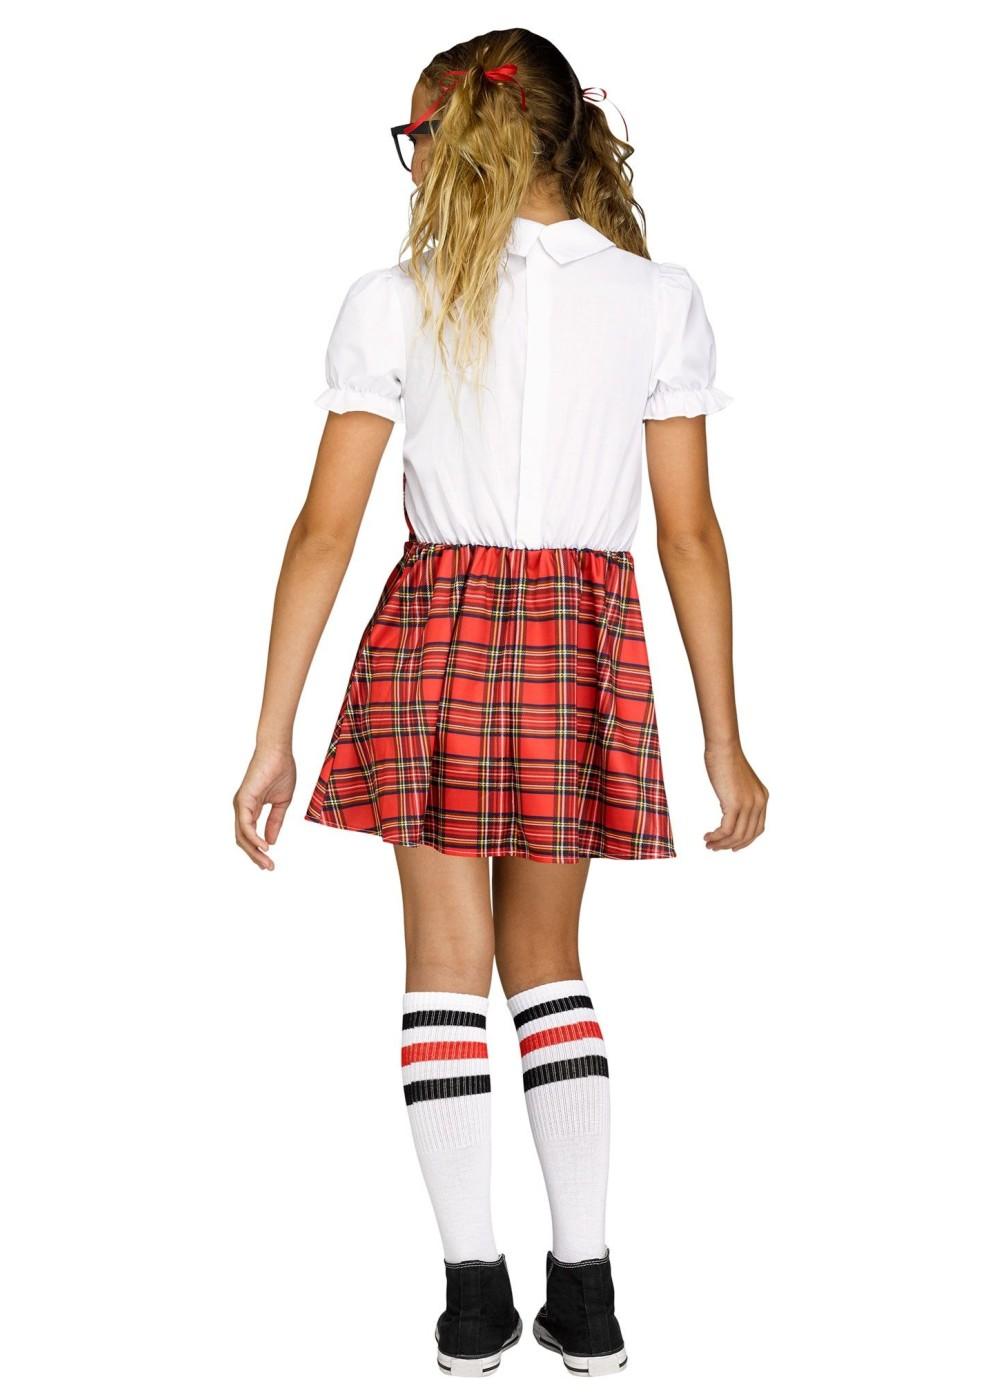 Nerd Girl Costume